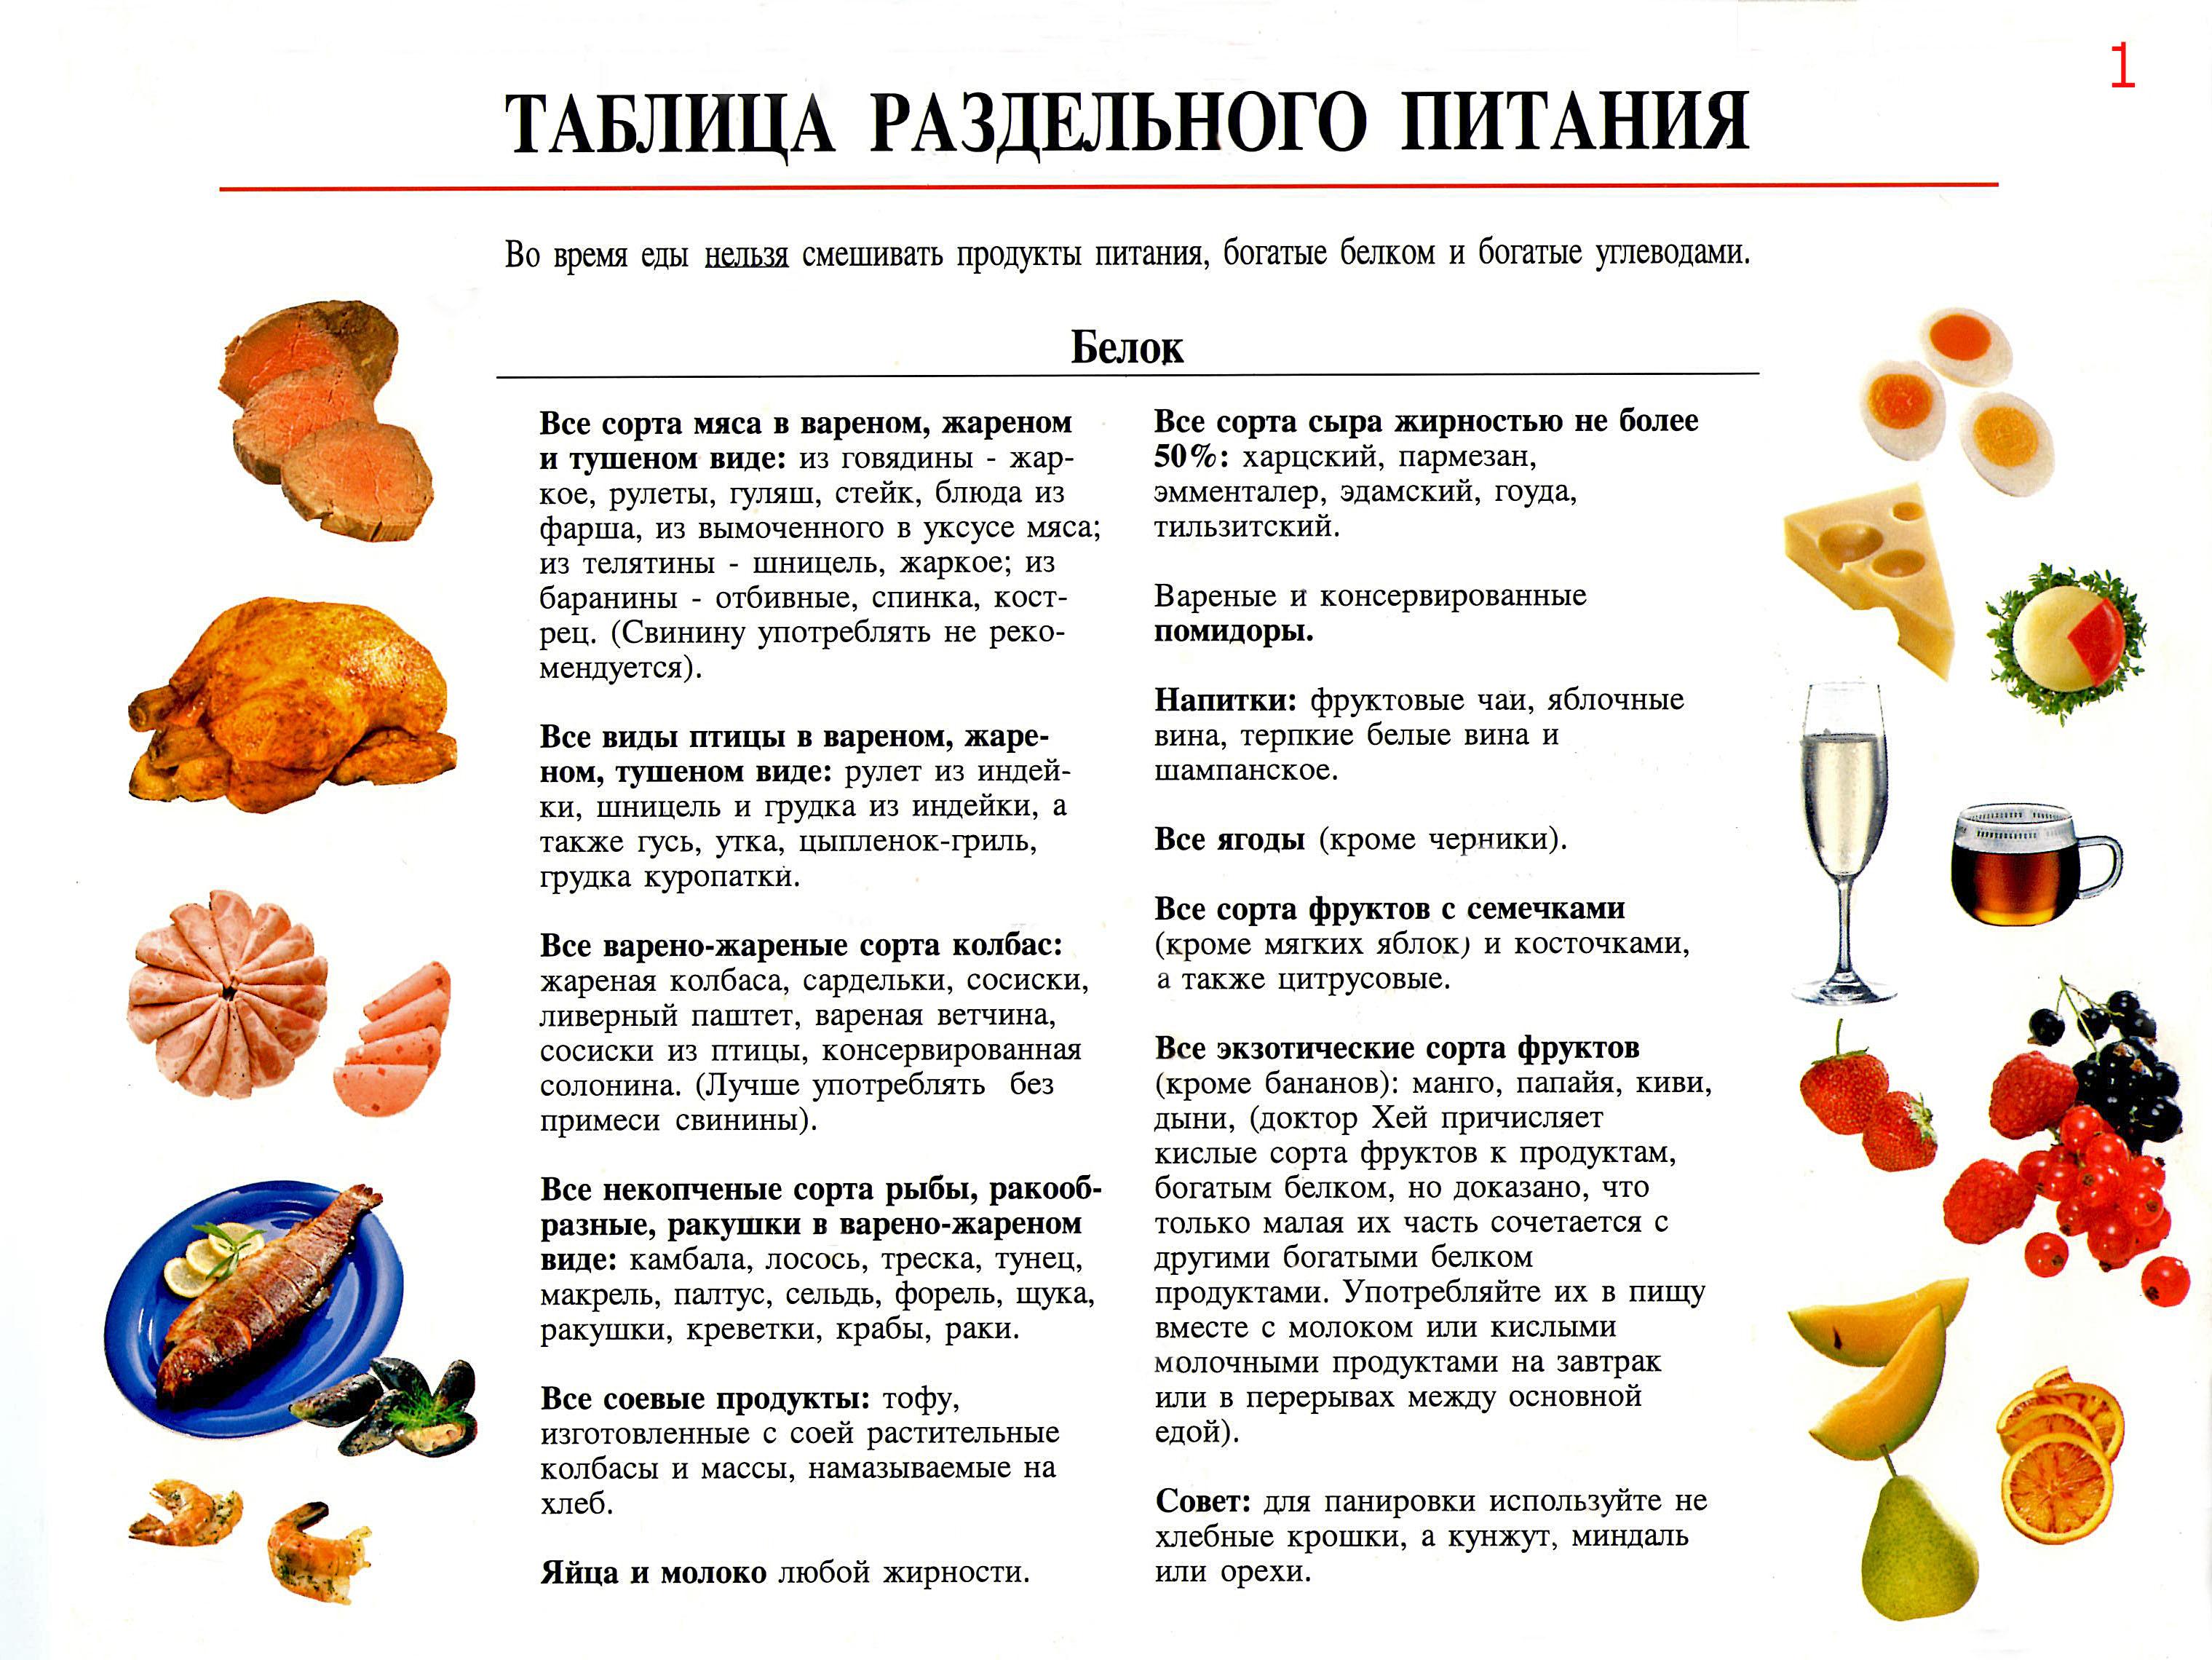 ec345c41c33d Раздельное питание меню таблица    Раздельное питание для похудения ...